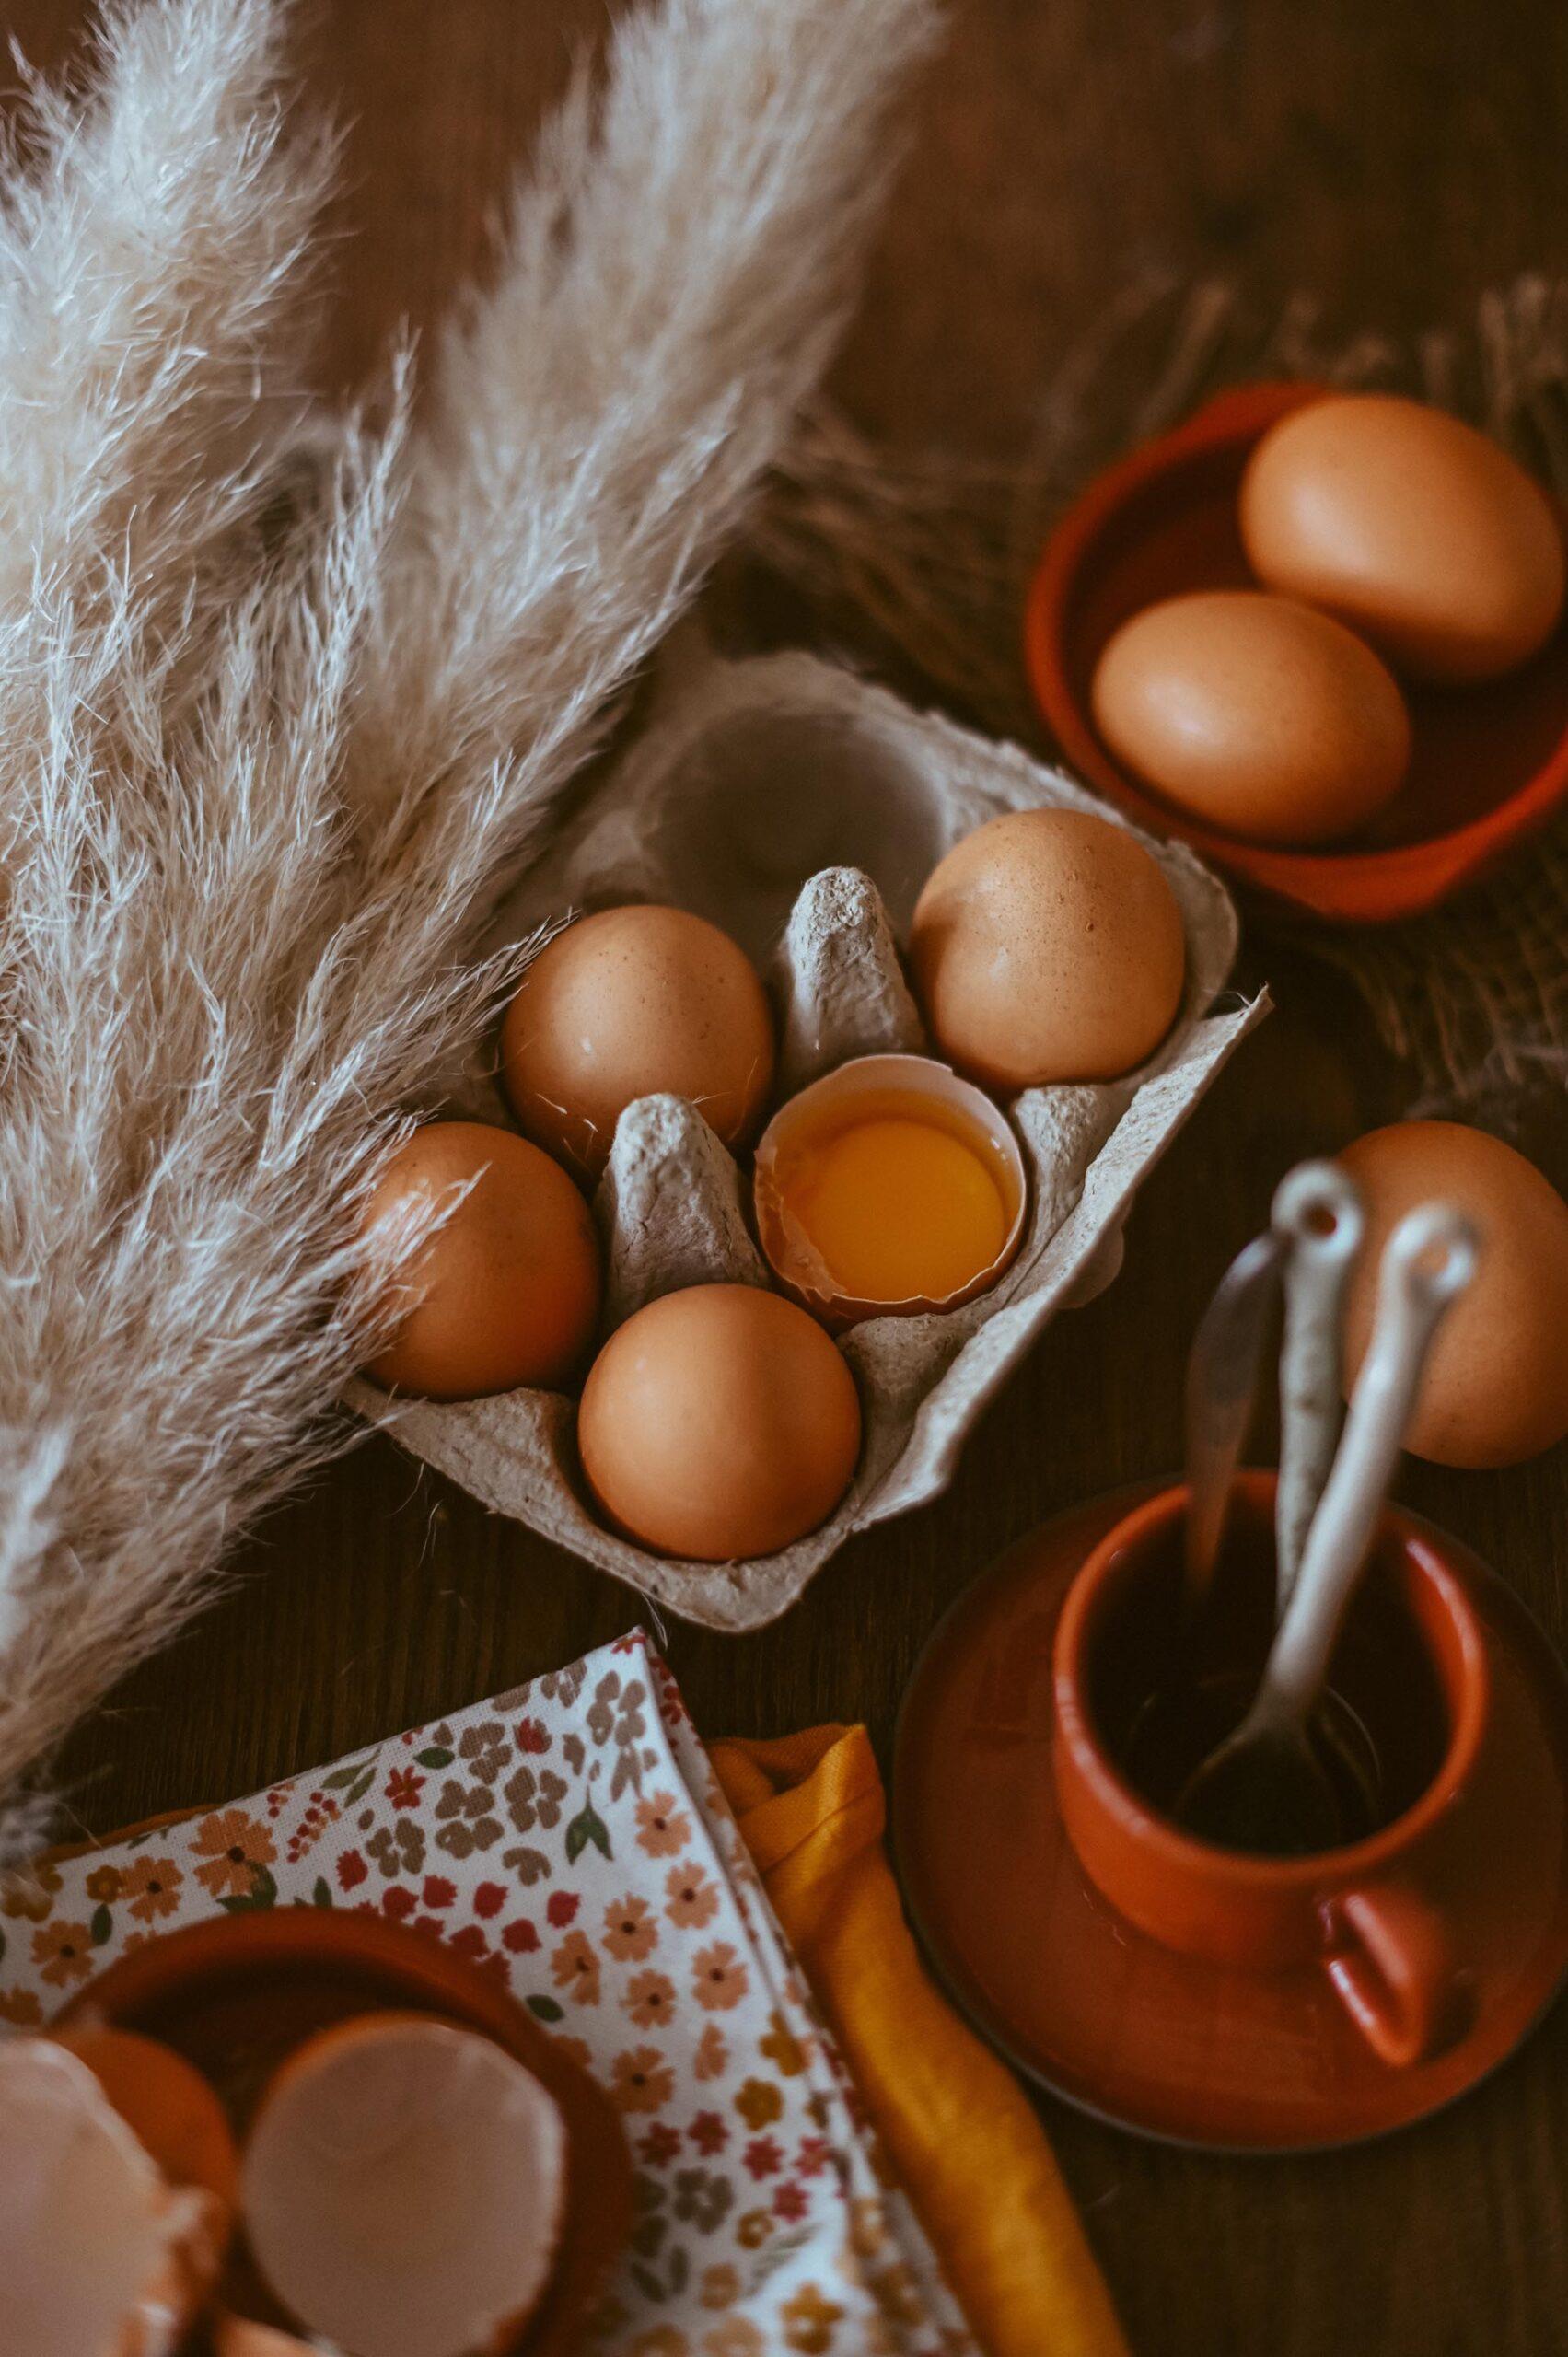 Gaelle Marcel - Oeufs cuisine from Unsplash